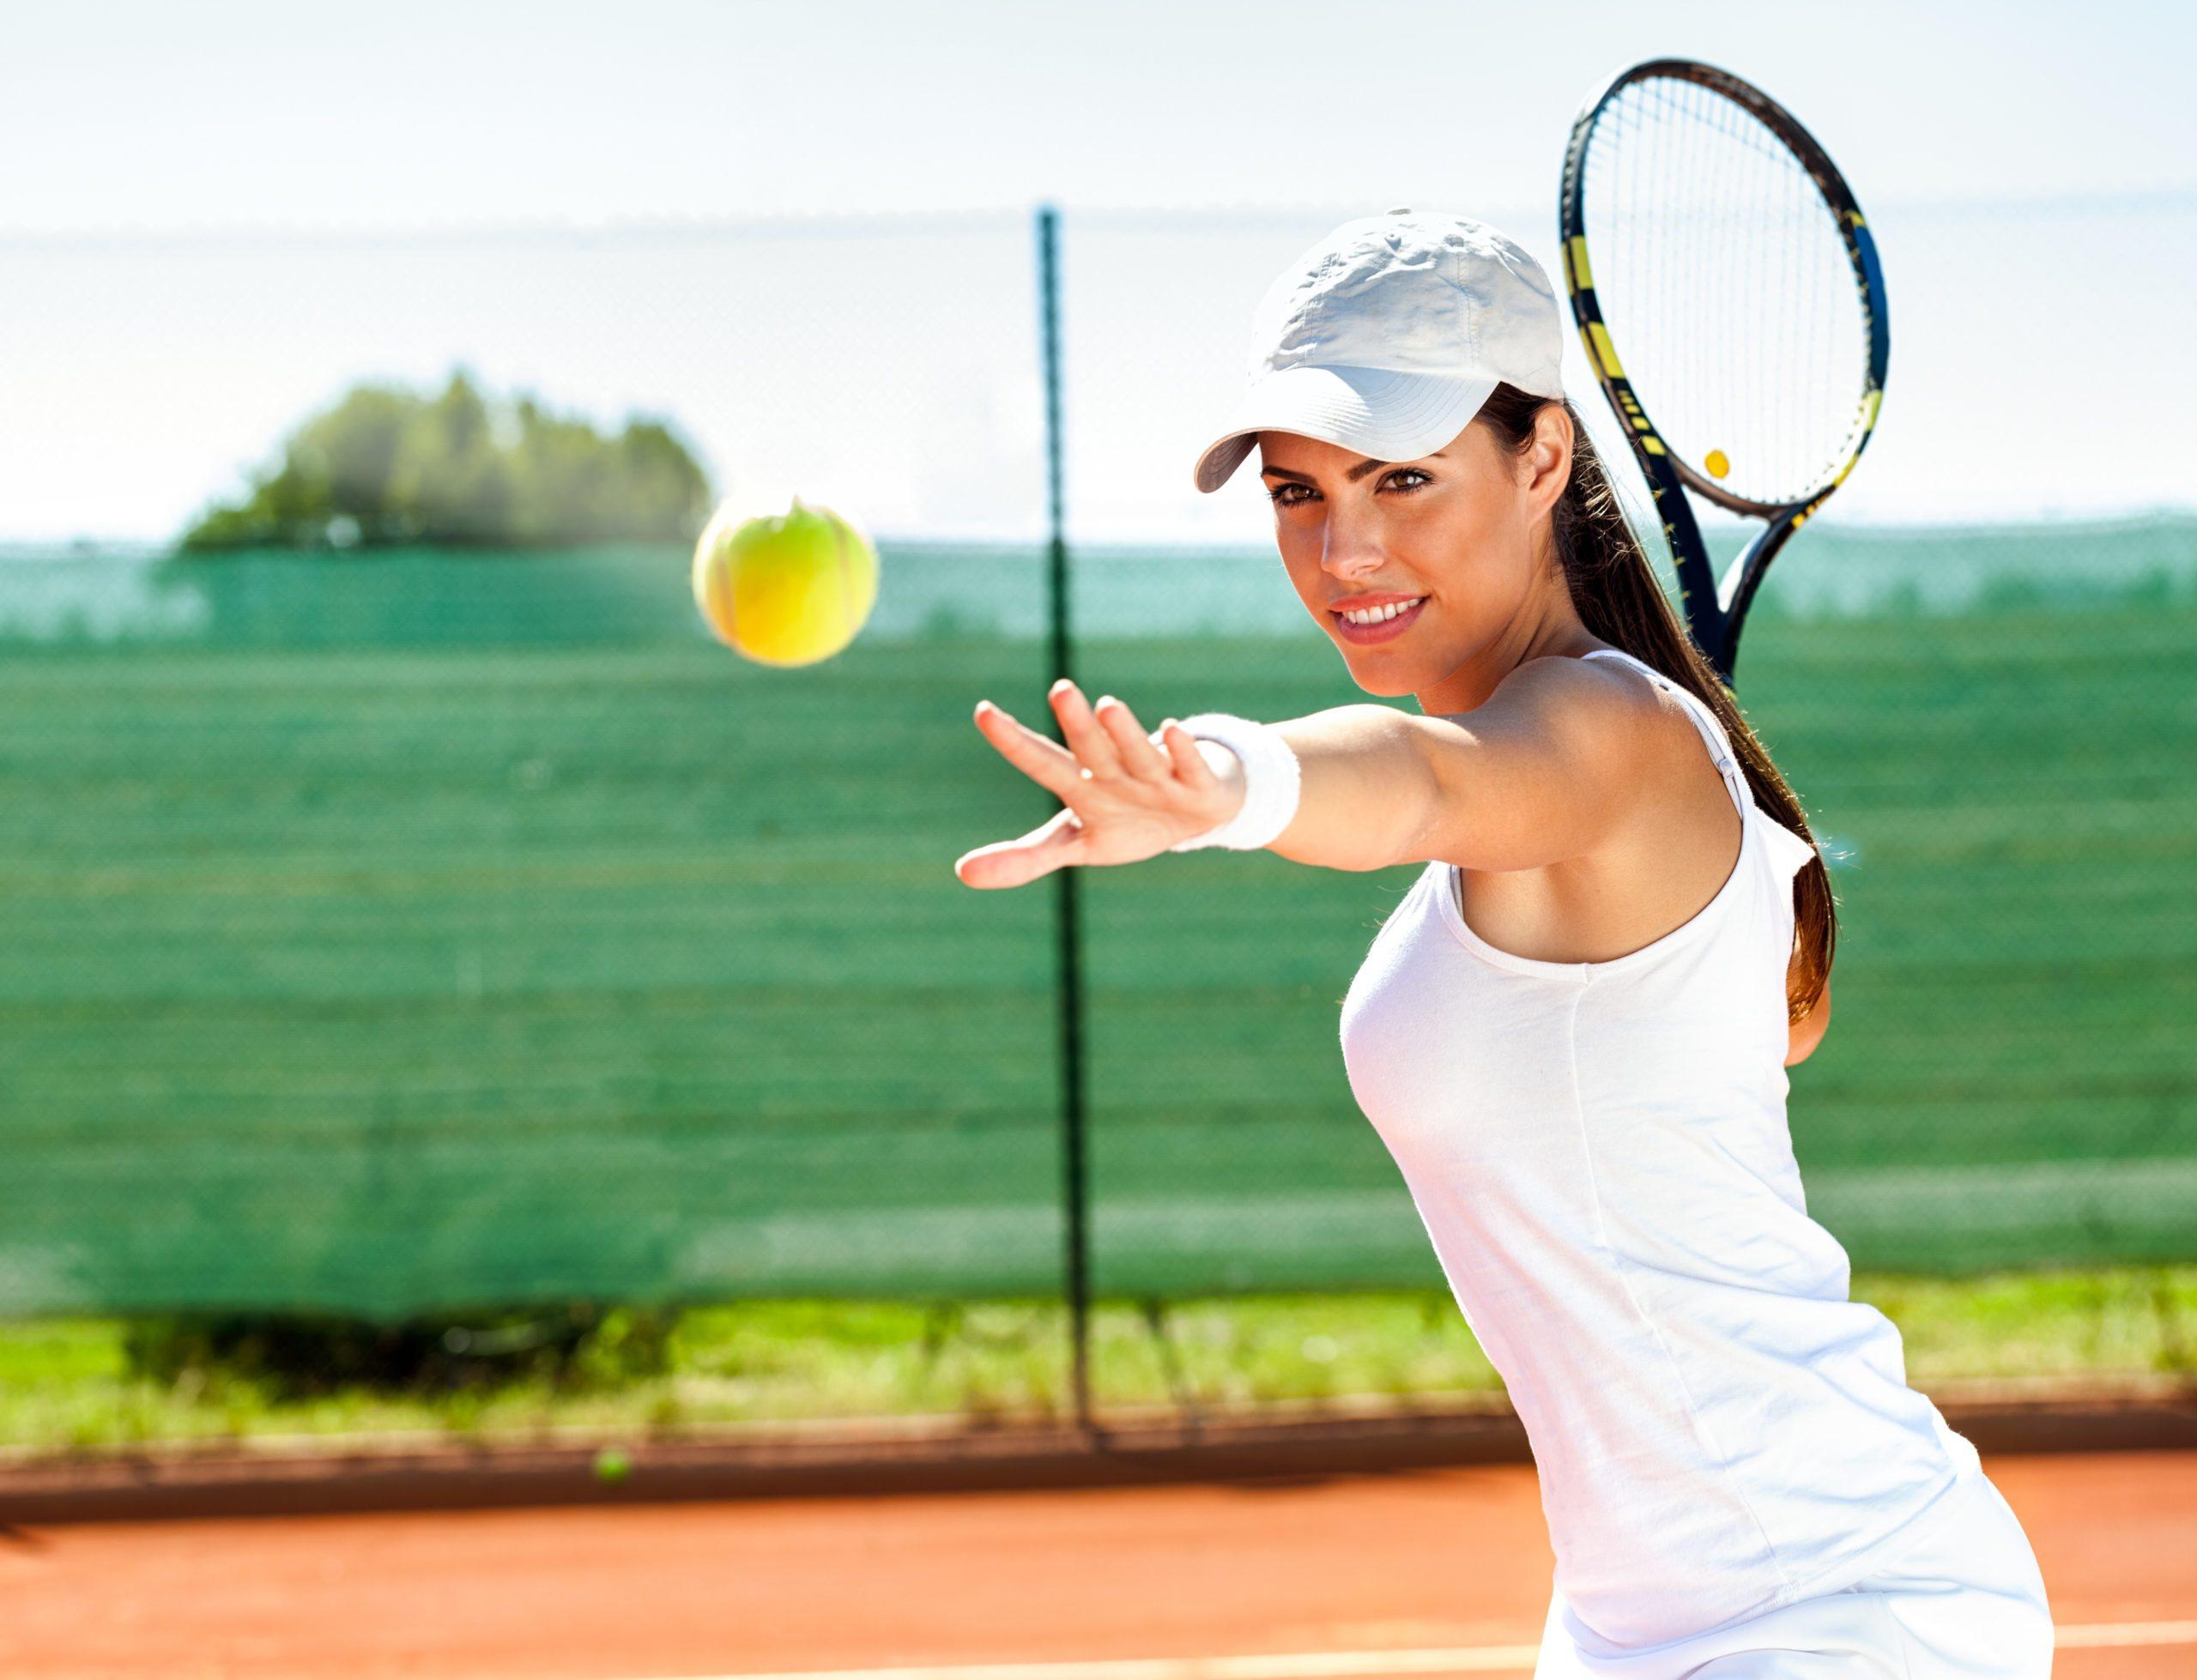 Porady dla obstawiających tenis u bukmacherów